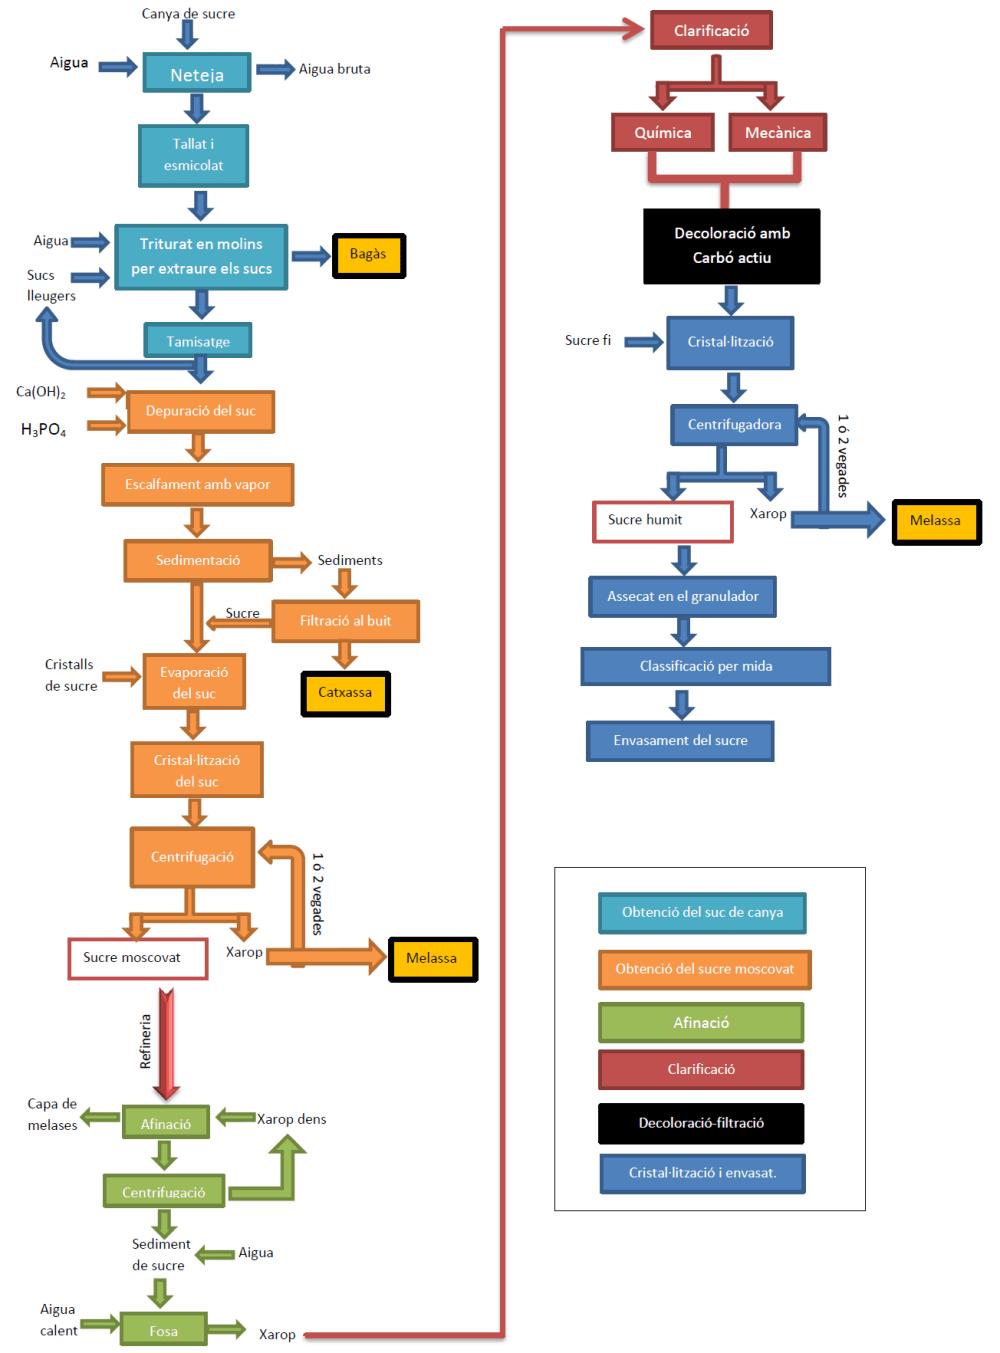 medium resolution of file diagrama de flux sucre de canya png